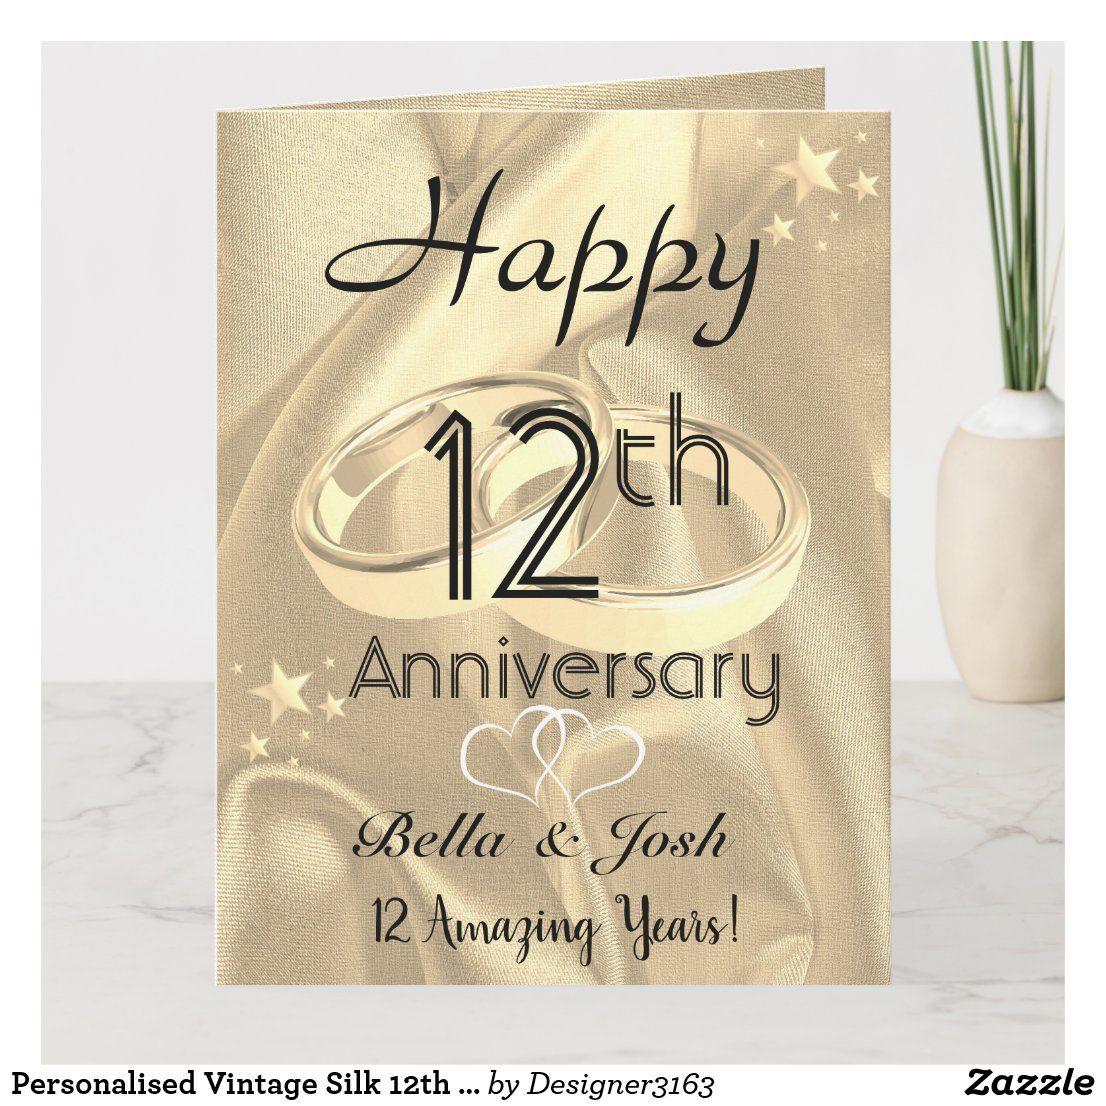 Personalised Vintage Silk 12th Wedding Anniversary Card Zazzle Com Wedding Anniversary Cards Anniversary Cards 12th Wedding Anniversary